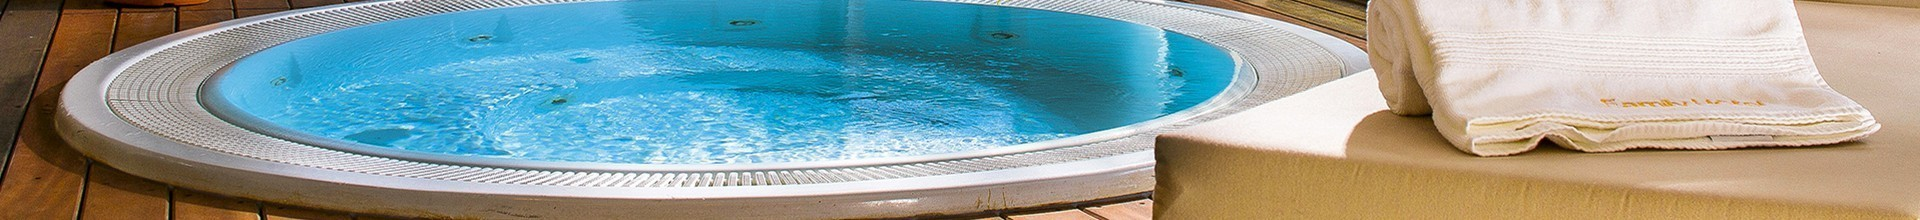 Vente en ligne spa direct fabricant, produit français Ile de France